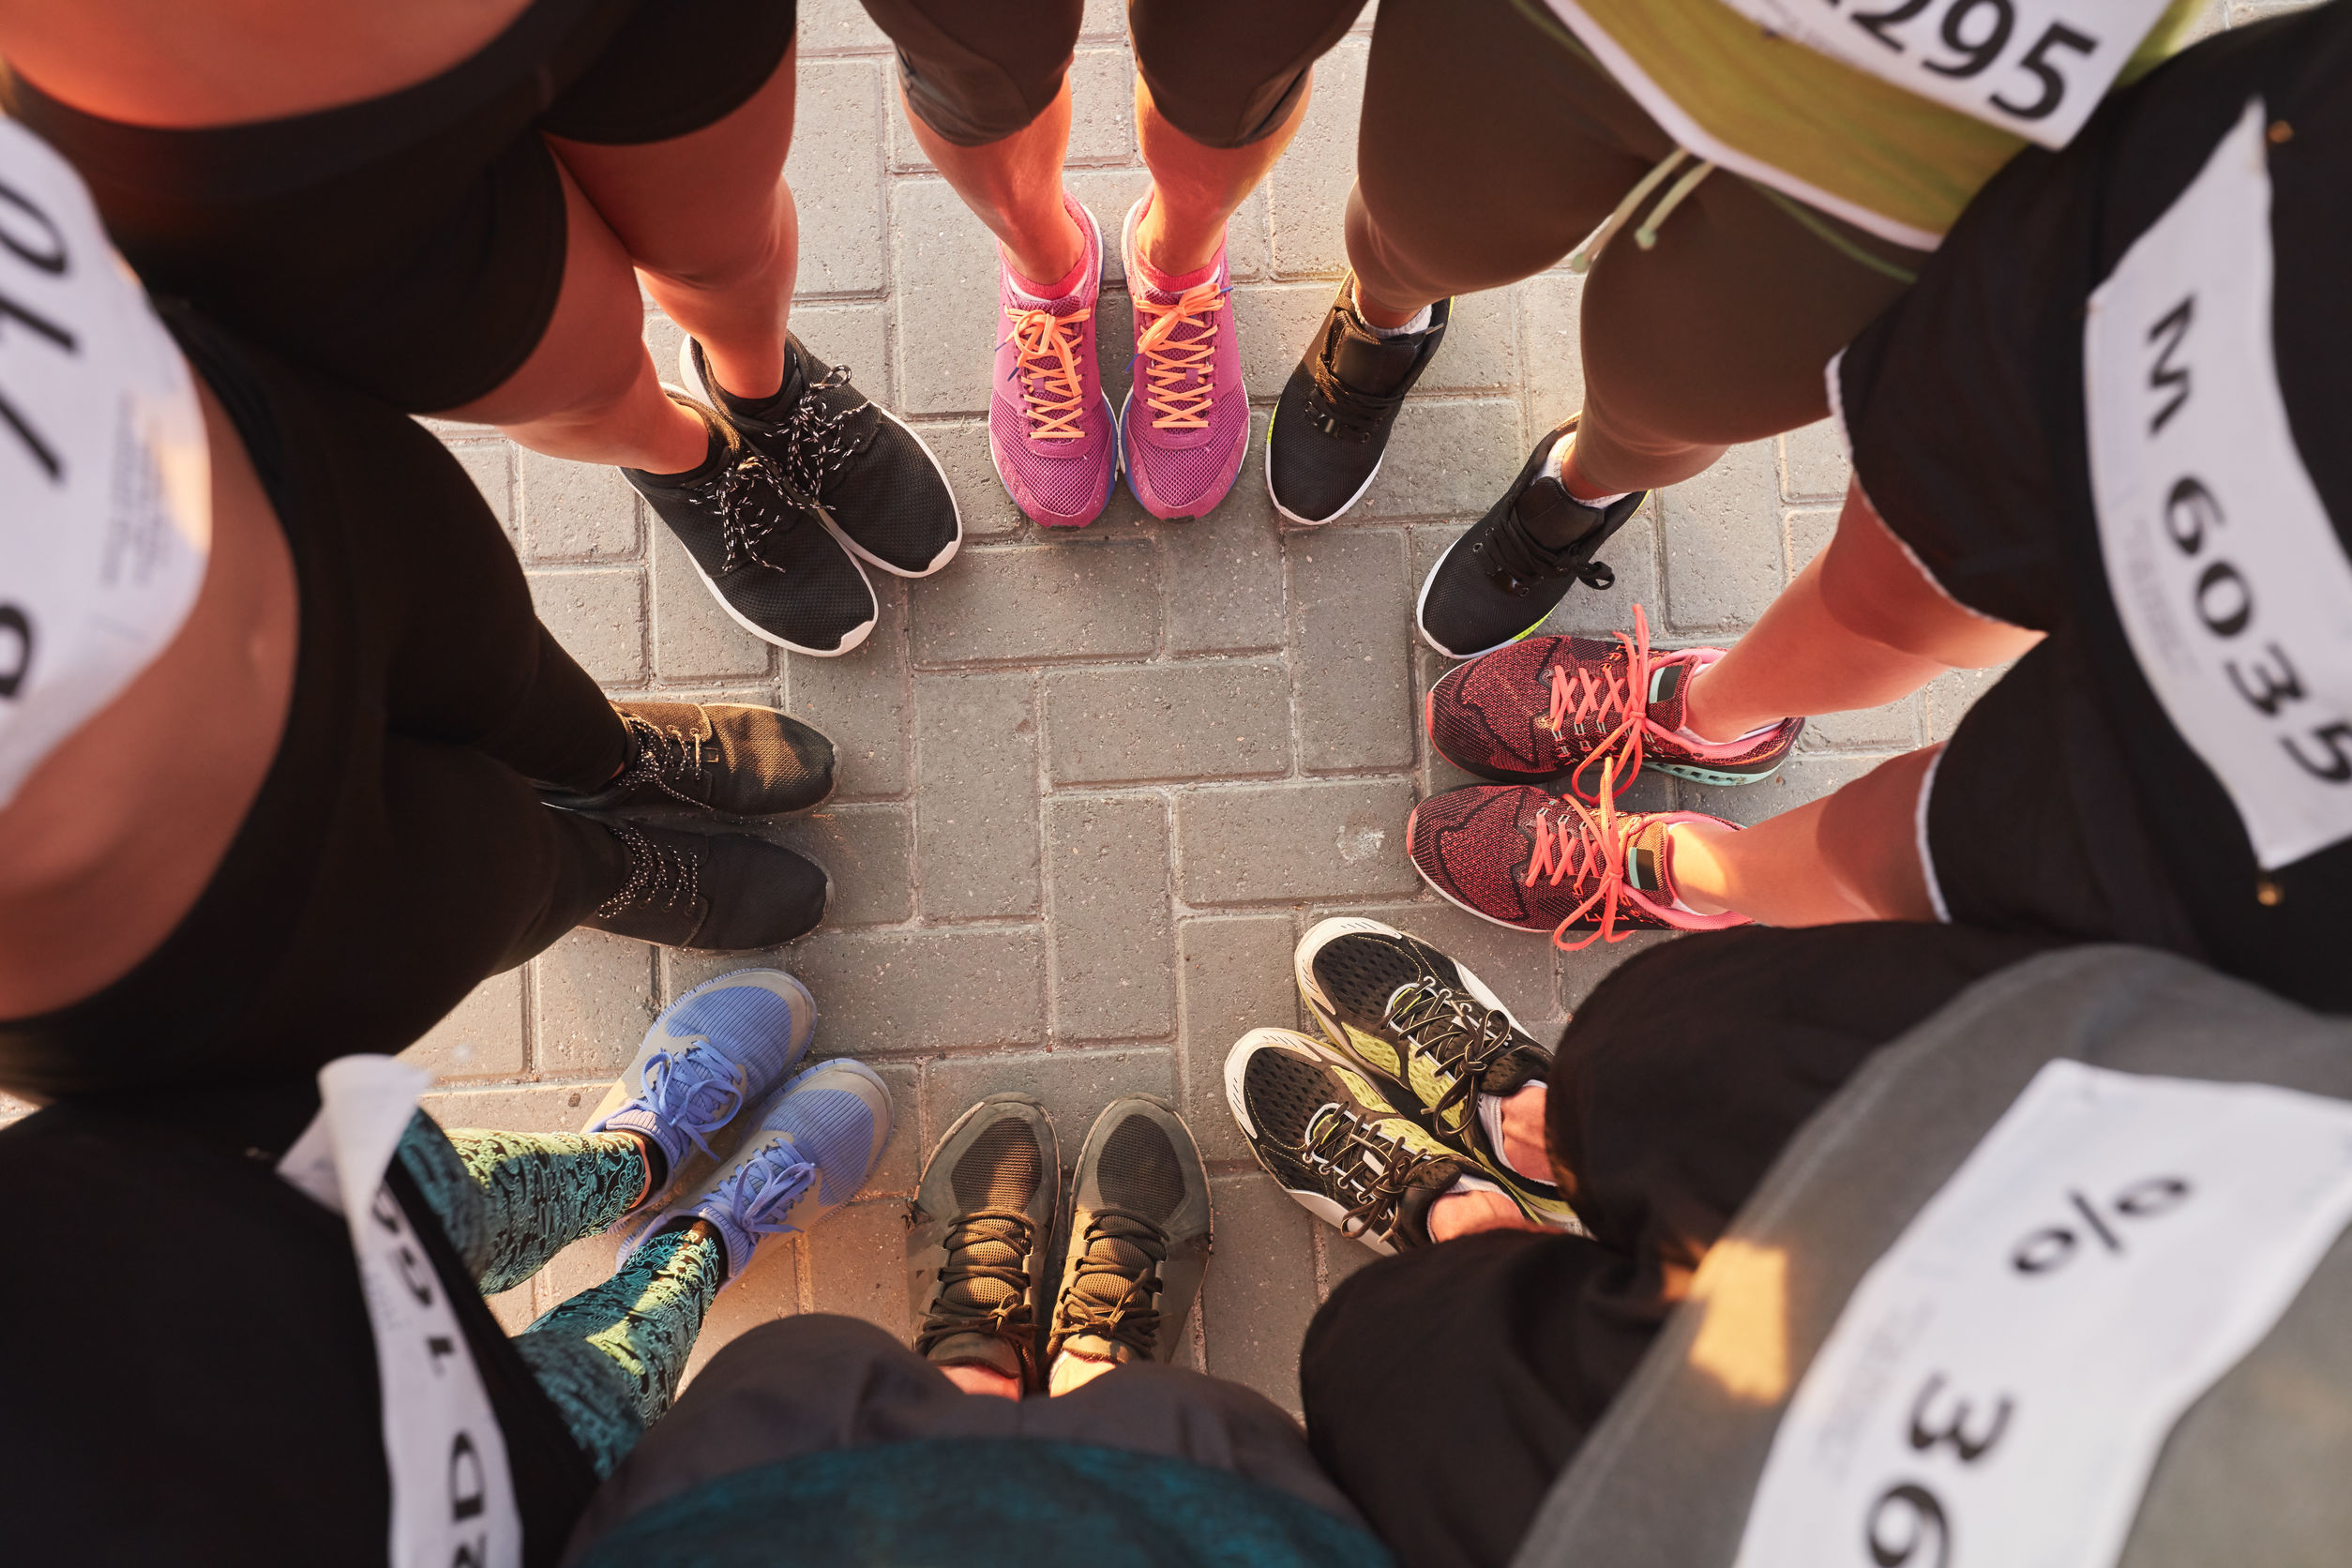 grupo de pessoas usando tênis para corrida